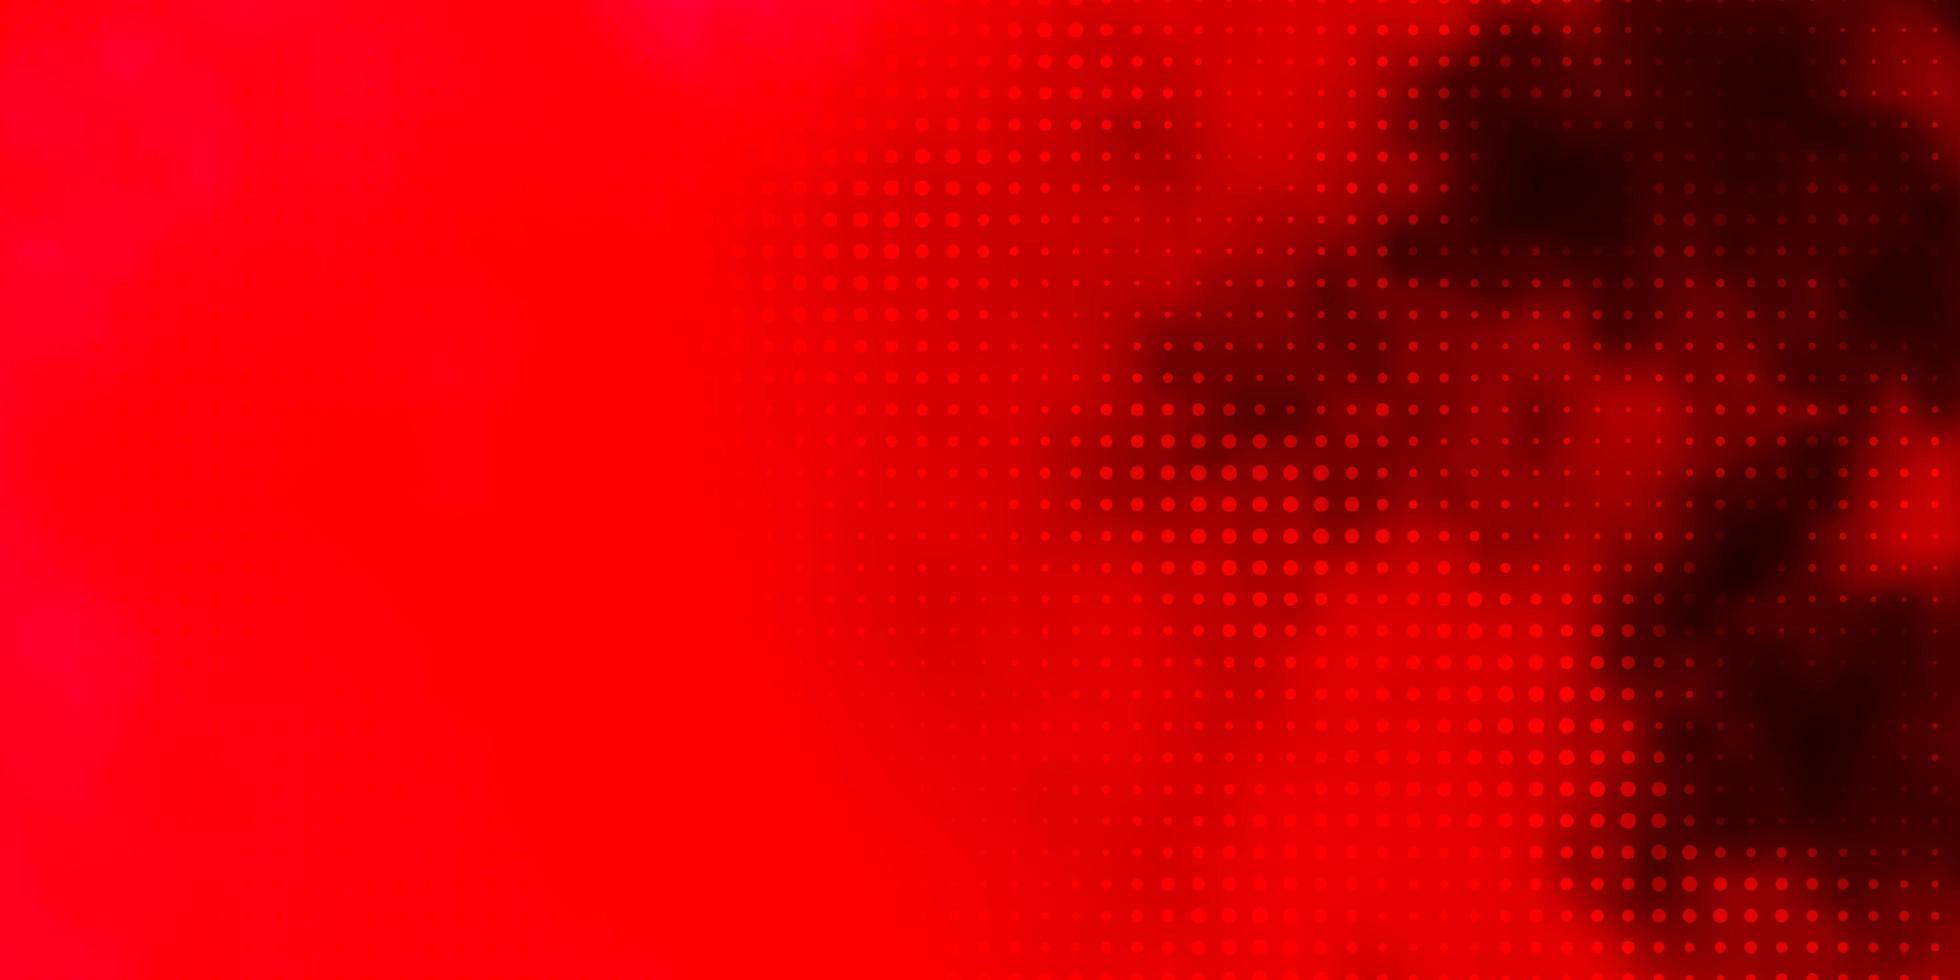 rotes Layout mit Kreisformen. vektor